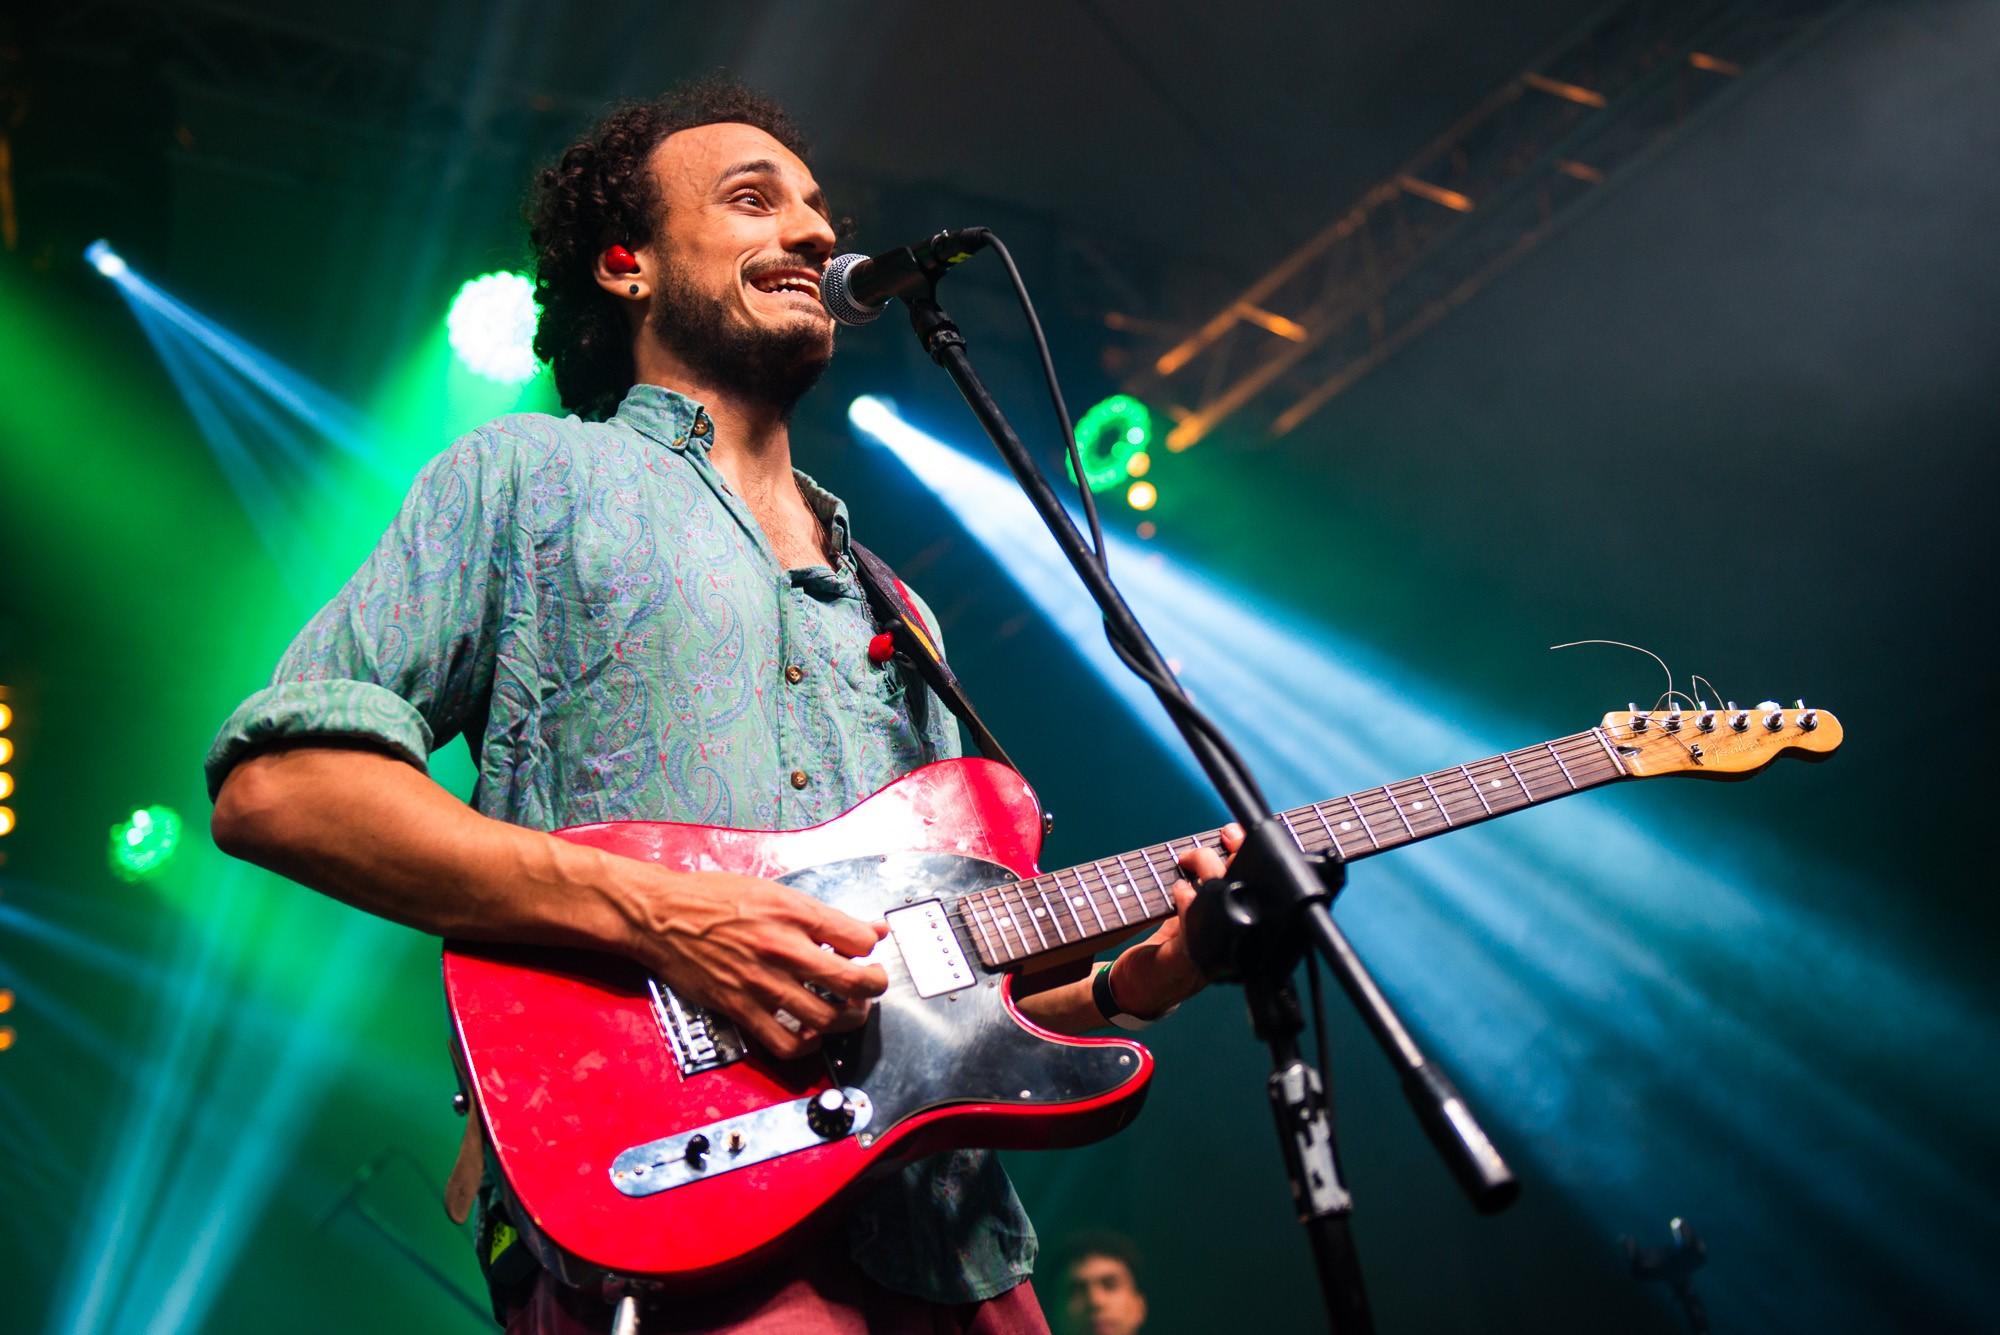 [Zdjęcie z koncertu. Mężczyzna śpiewa do mikrofonu umieszczonego na statywie i jednocześnie gra na gitarze. Jest ubrany w niebieską koszulę, ma loki i czerwoną słuchawkę w uchu. W tle widać konstrukcję scenografii. Oświetlony jest niebiesko-zielonym światłem.]